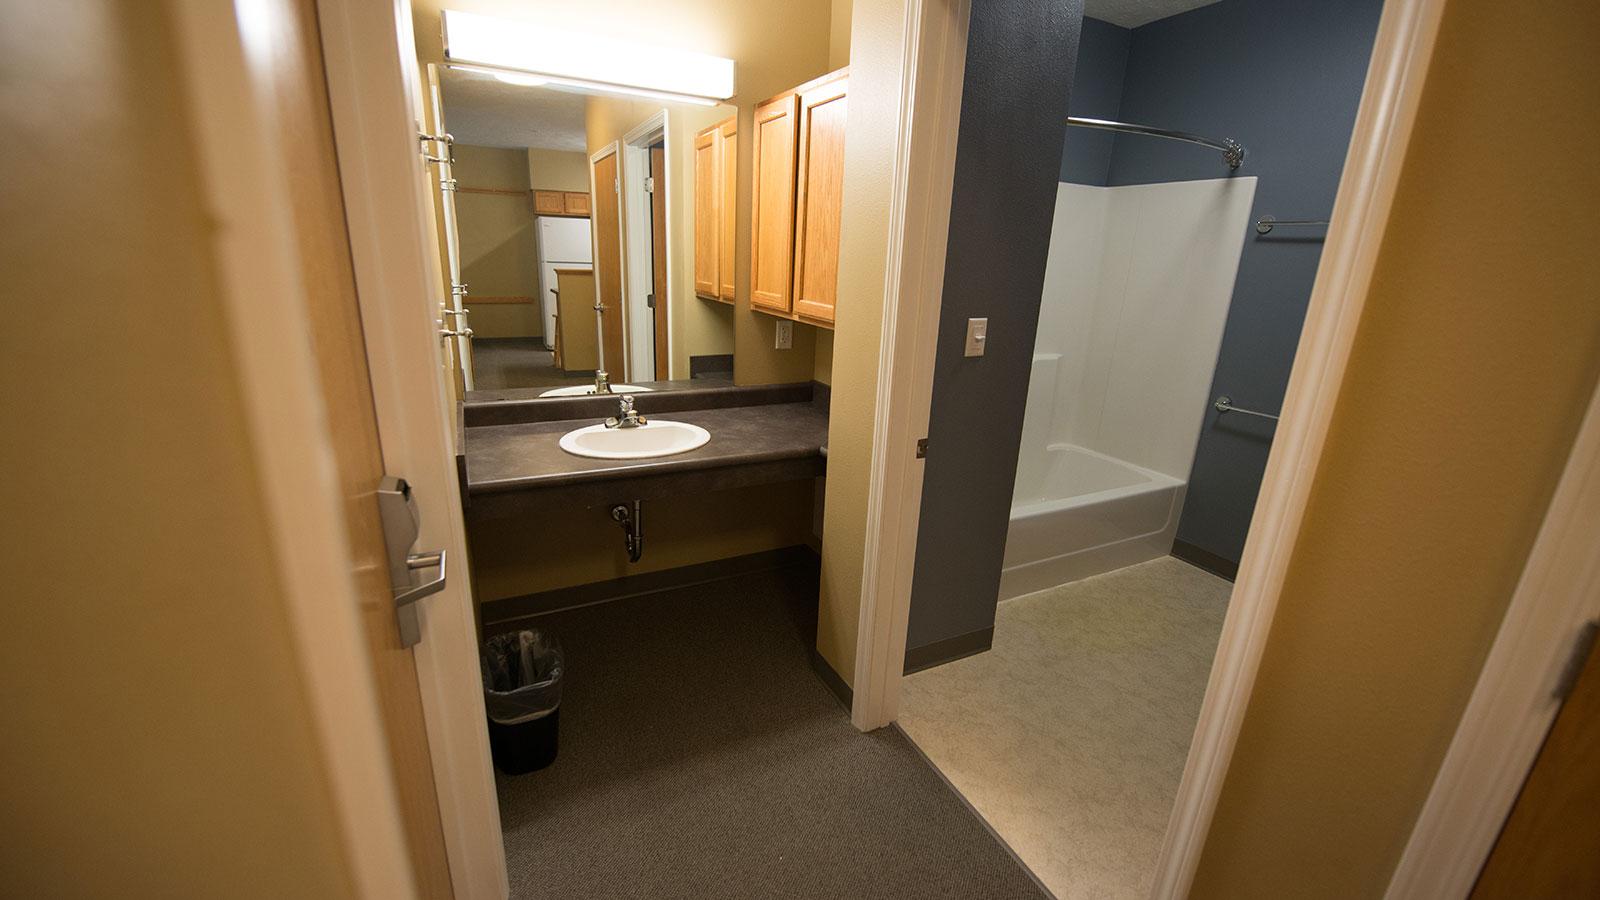 Village interior showing bathroom.